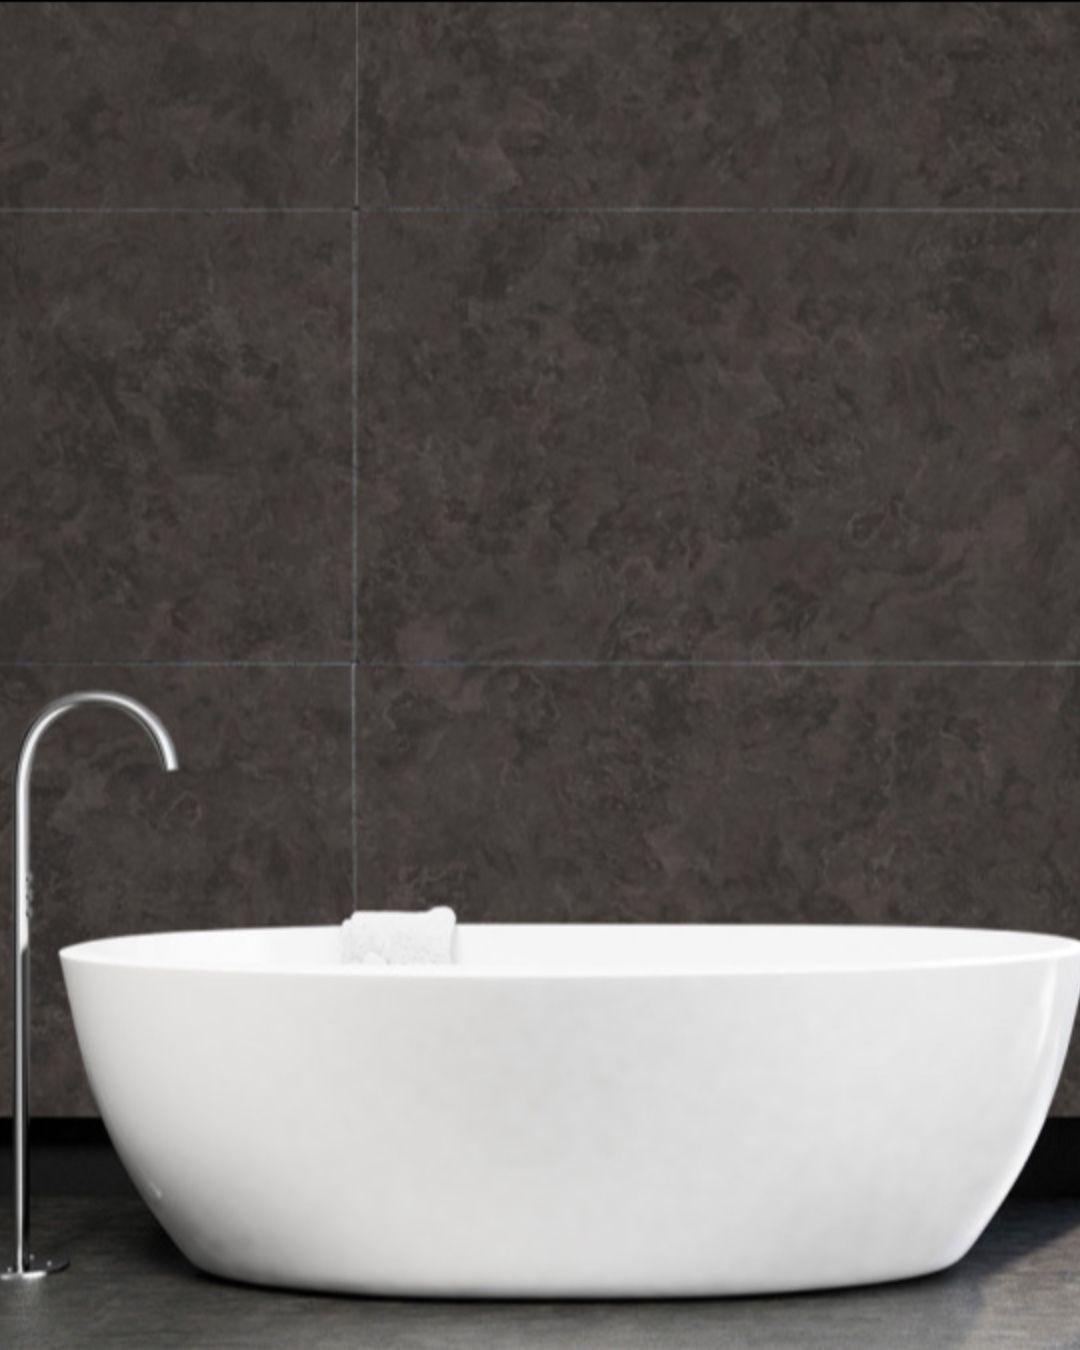 Unsere Selbstklebende Mobelfolie In Der Optik Camou Grau Passt Sich Optimal An Alle Glatten Und Vorgere In 2020 Badezimmerideen Badezimmereinrichtung Badezimmer Design